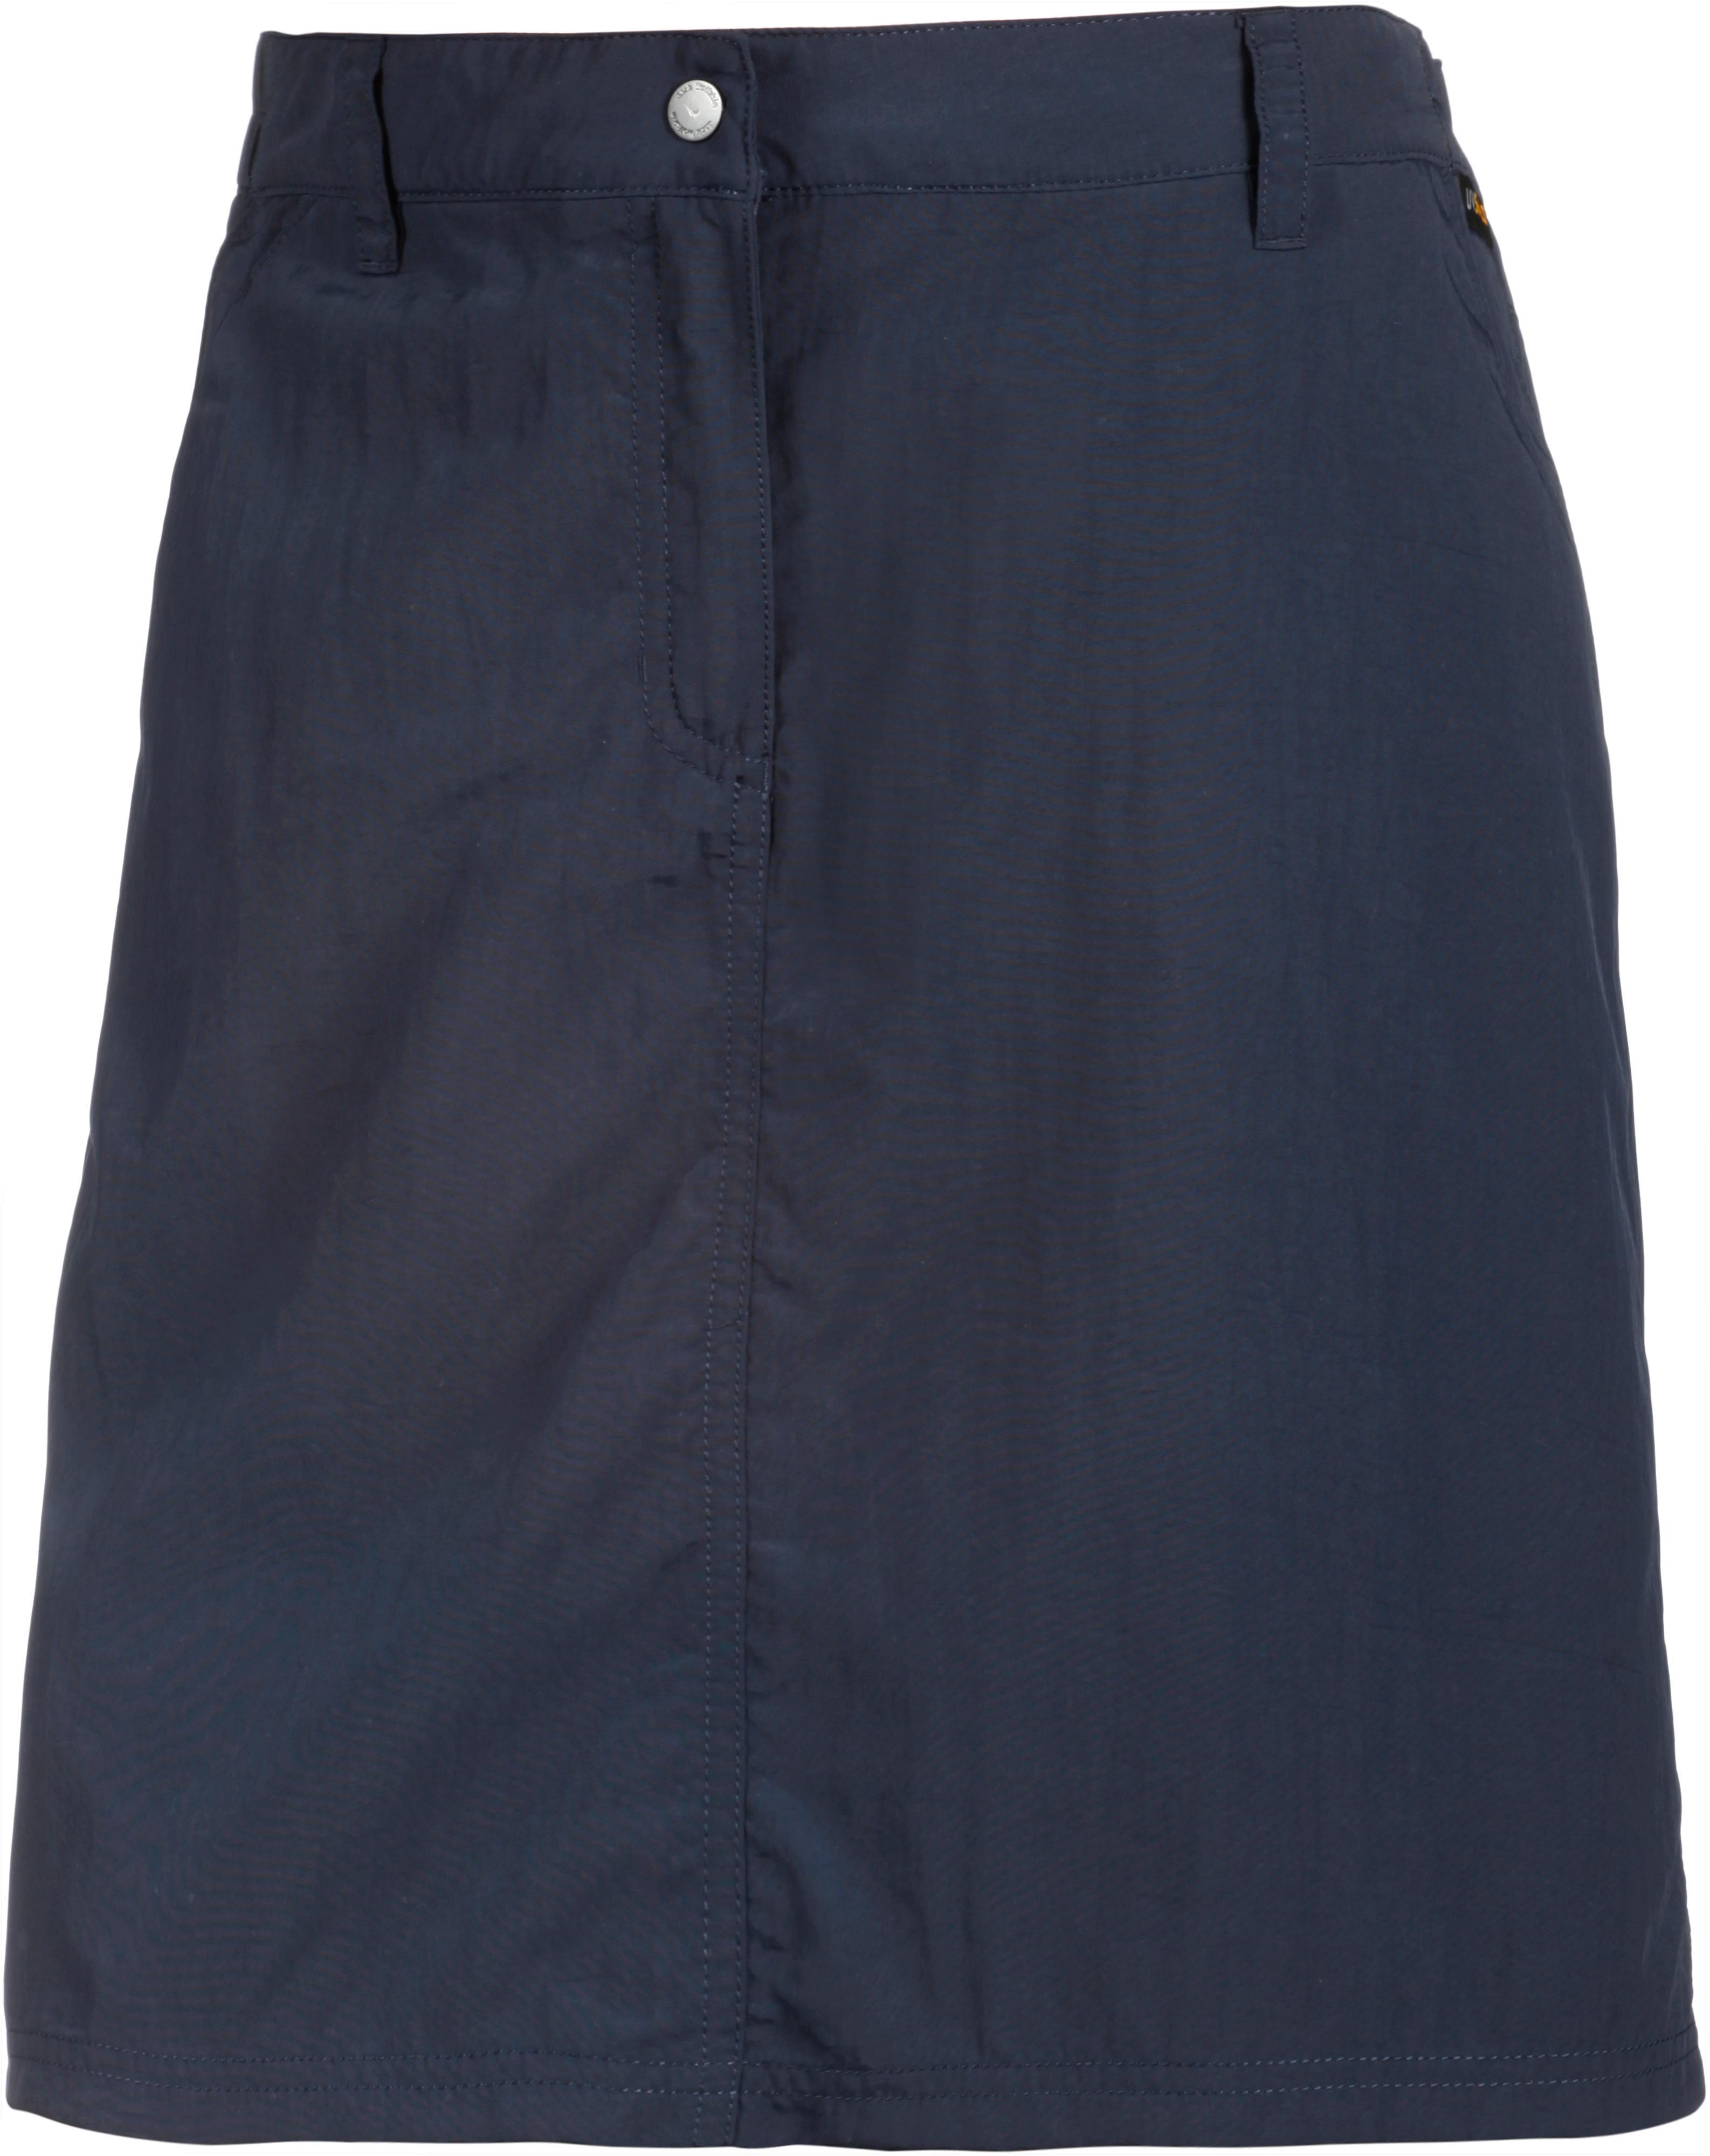 Jack Wolfskin Kalahari Cargorock Damen midnight blue im Online Shop von SportScheck kaufen